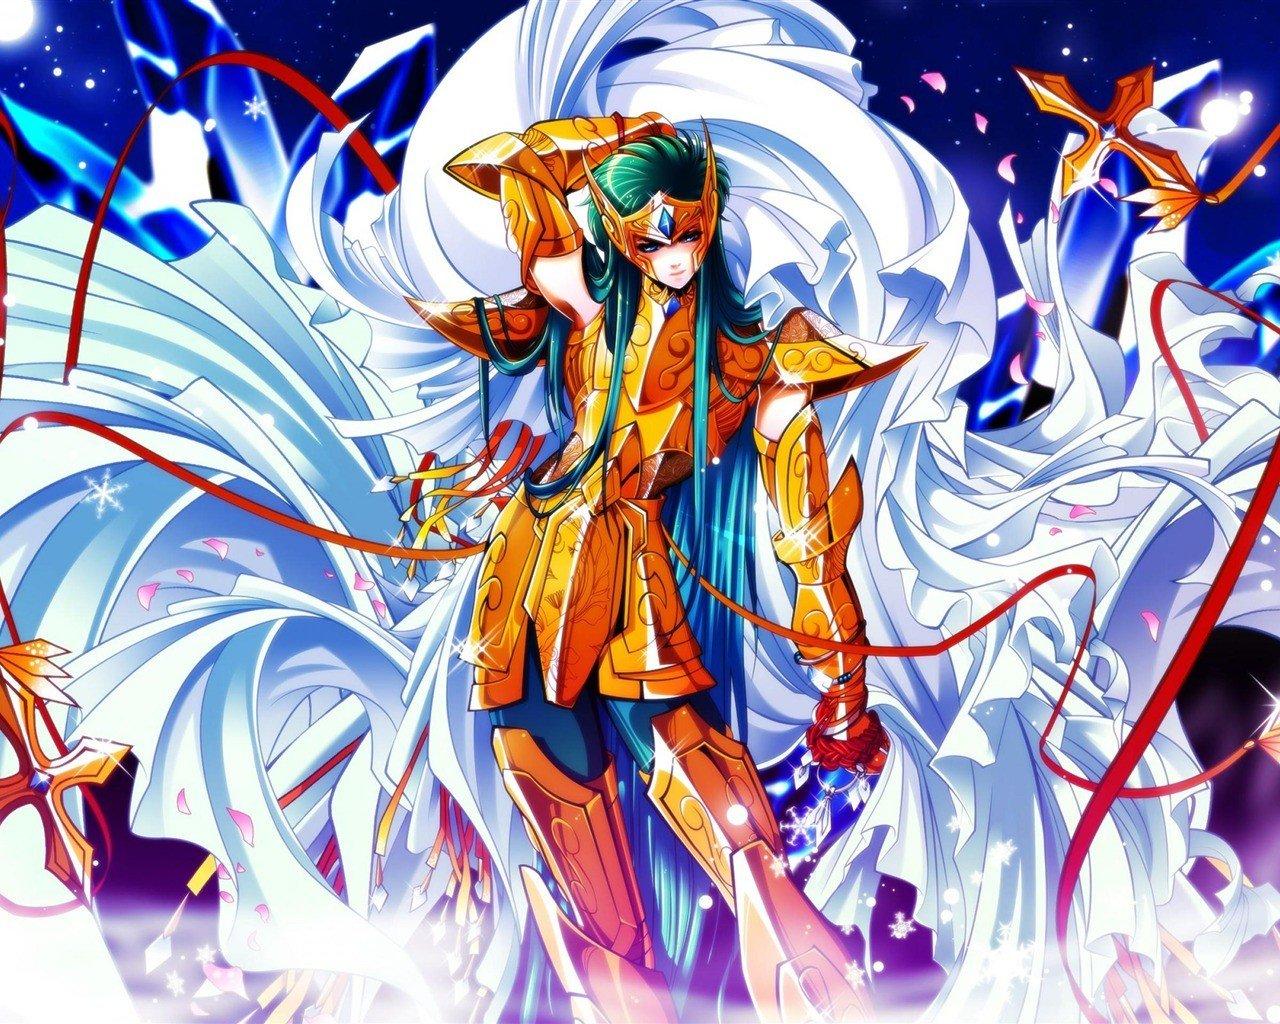 デスクトップ壁紙 1280x1024ピクセル アニメ 聖闘士星矢オメガ